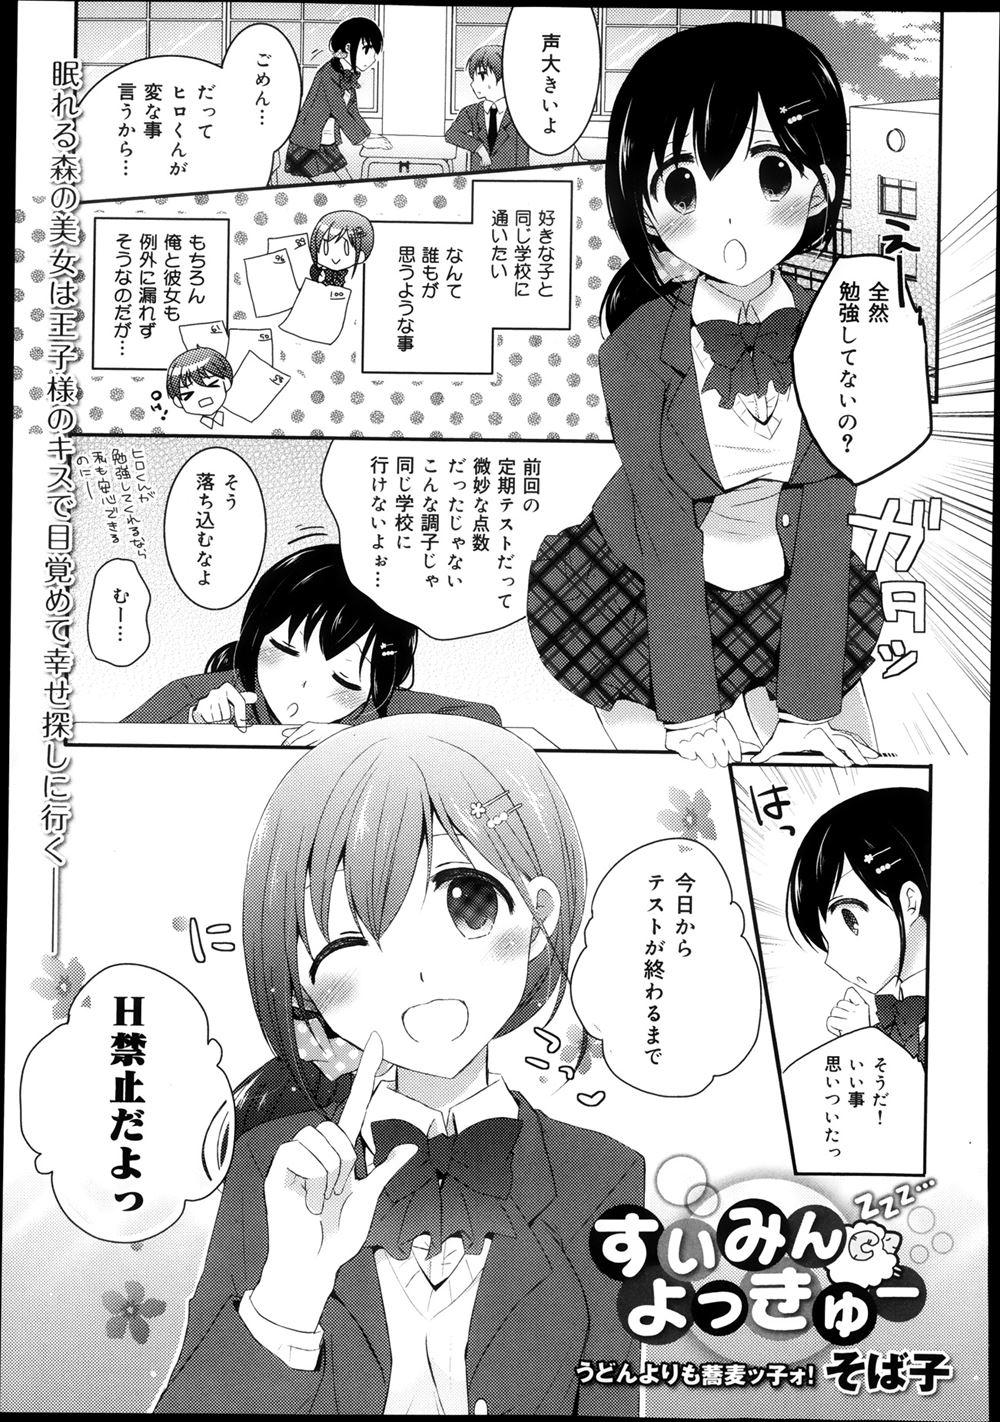 [そば子] すいみんよっきゅー (1)